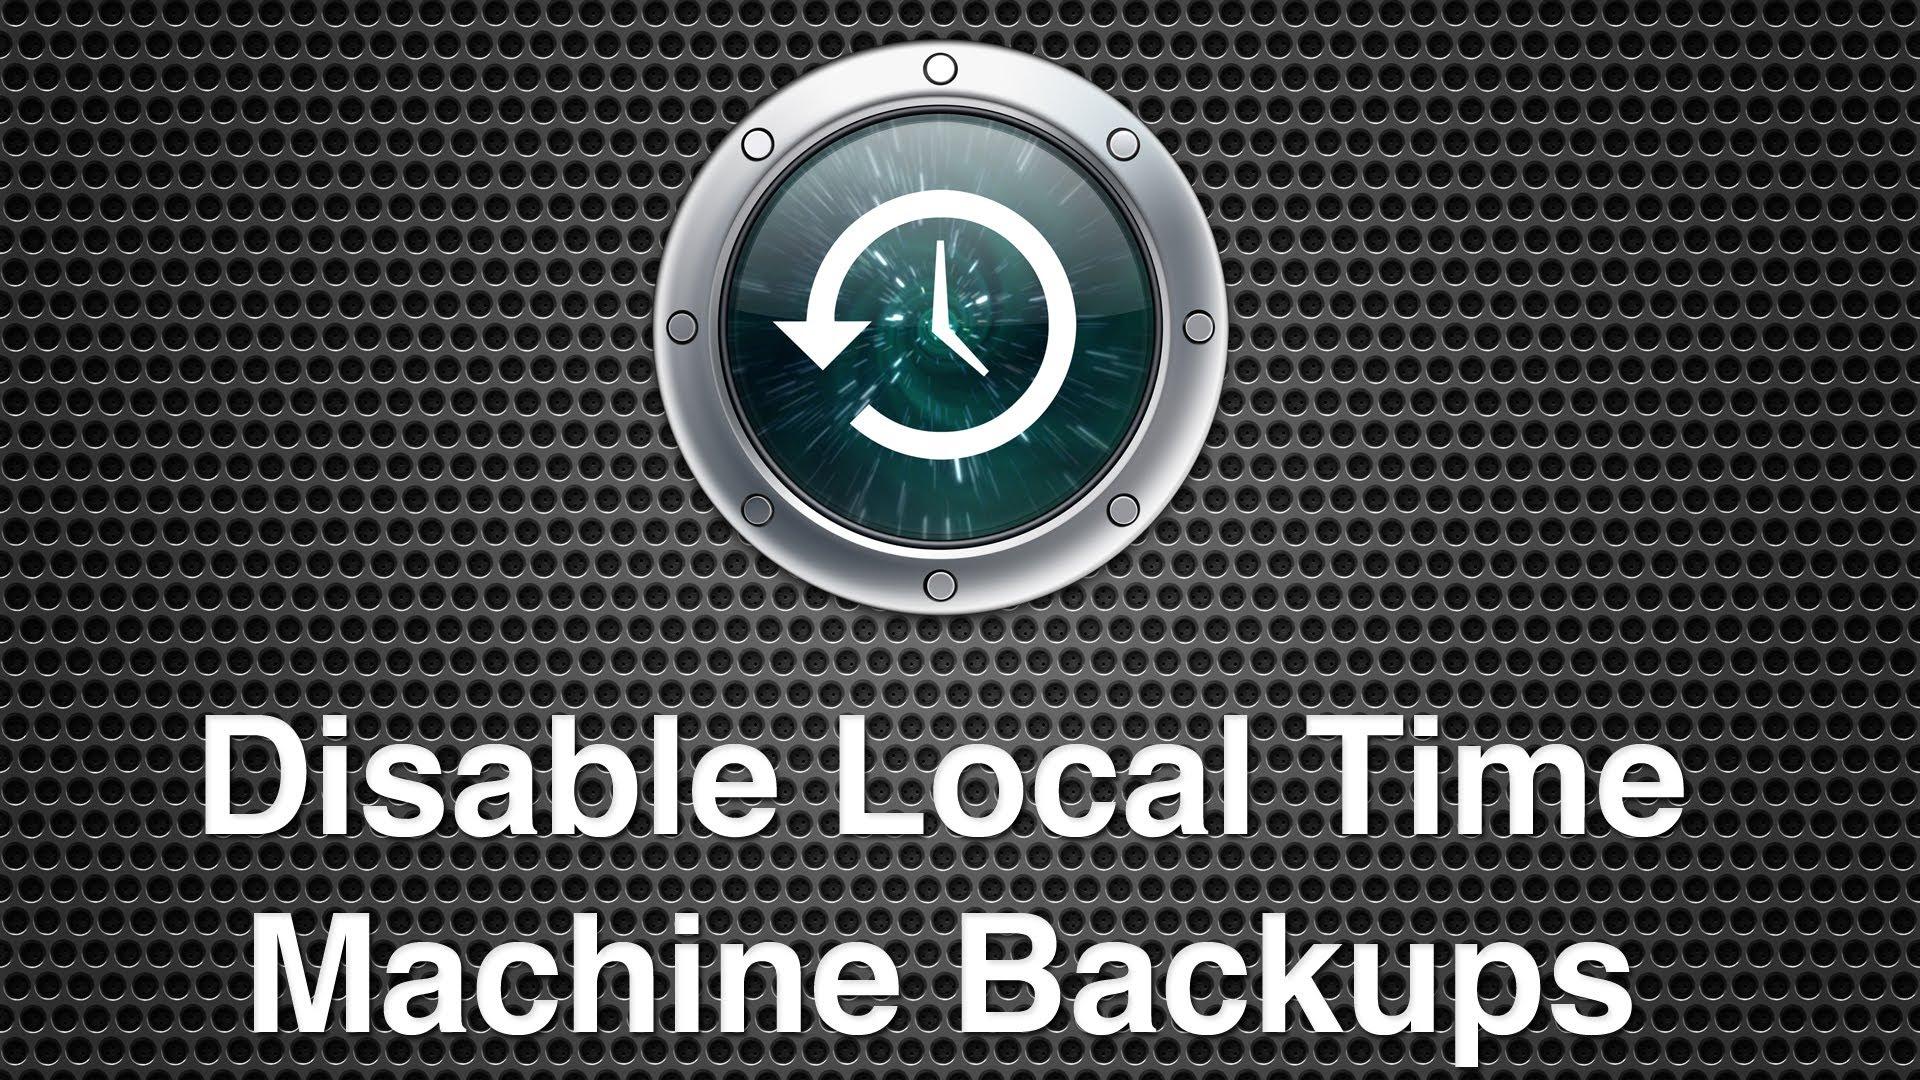 Come disabilitare Backup Locale Time Machine